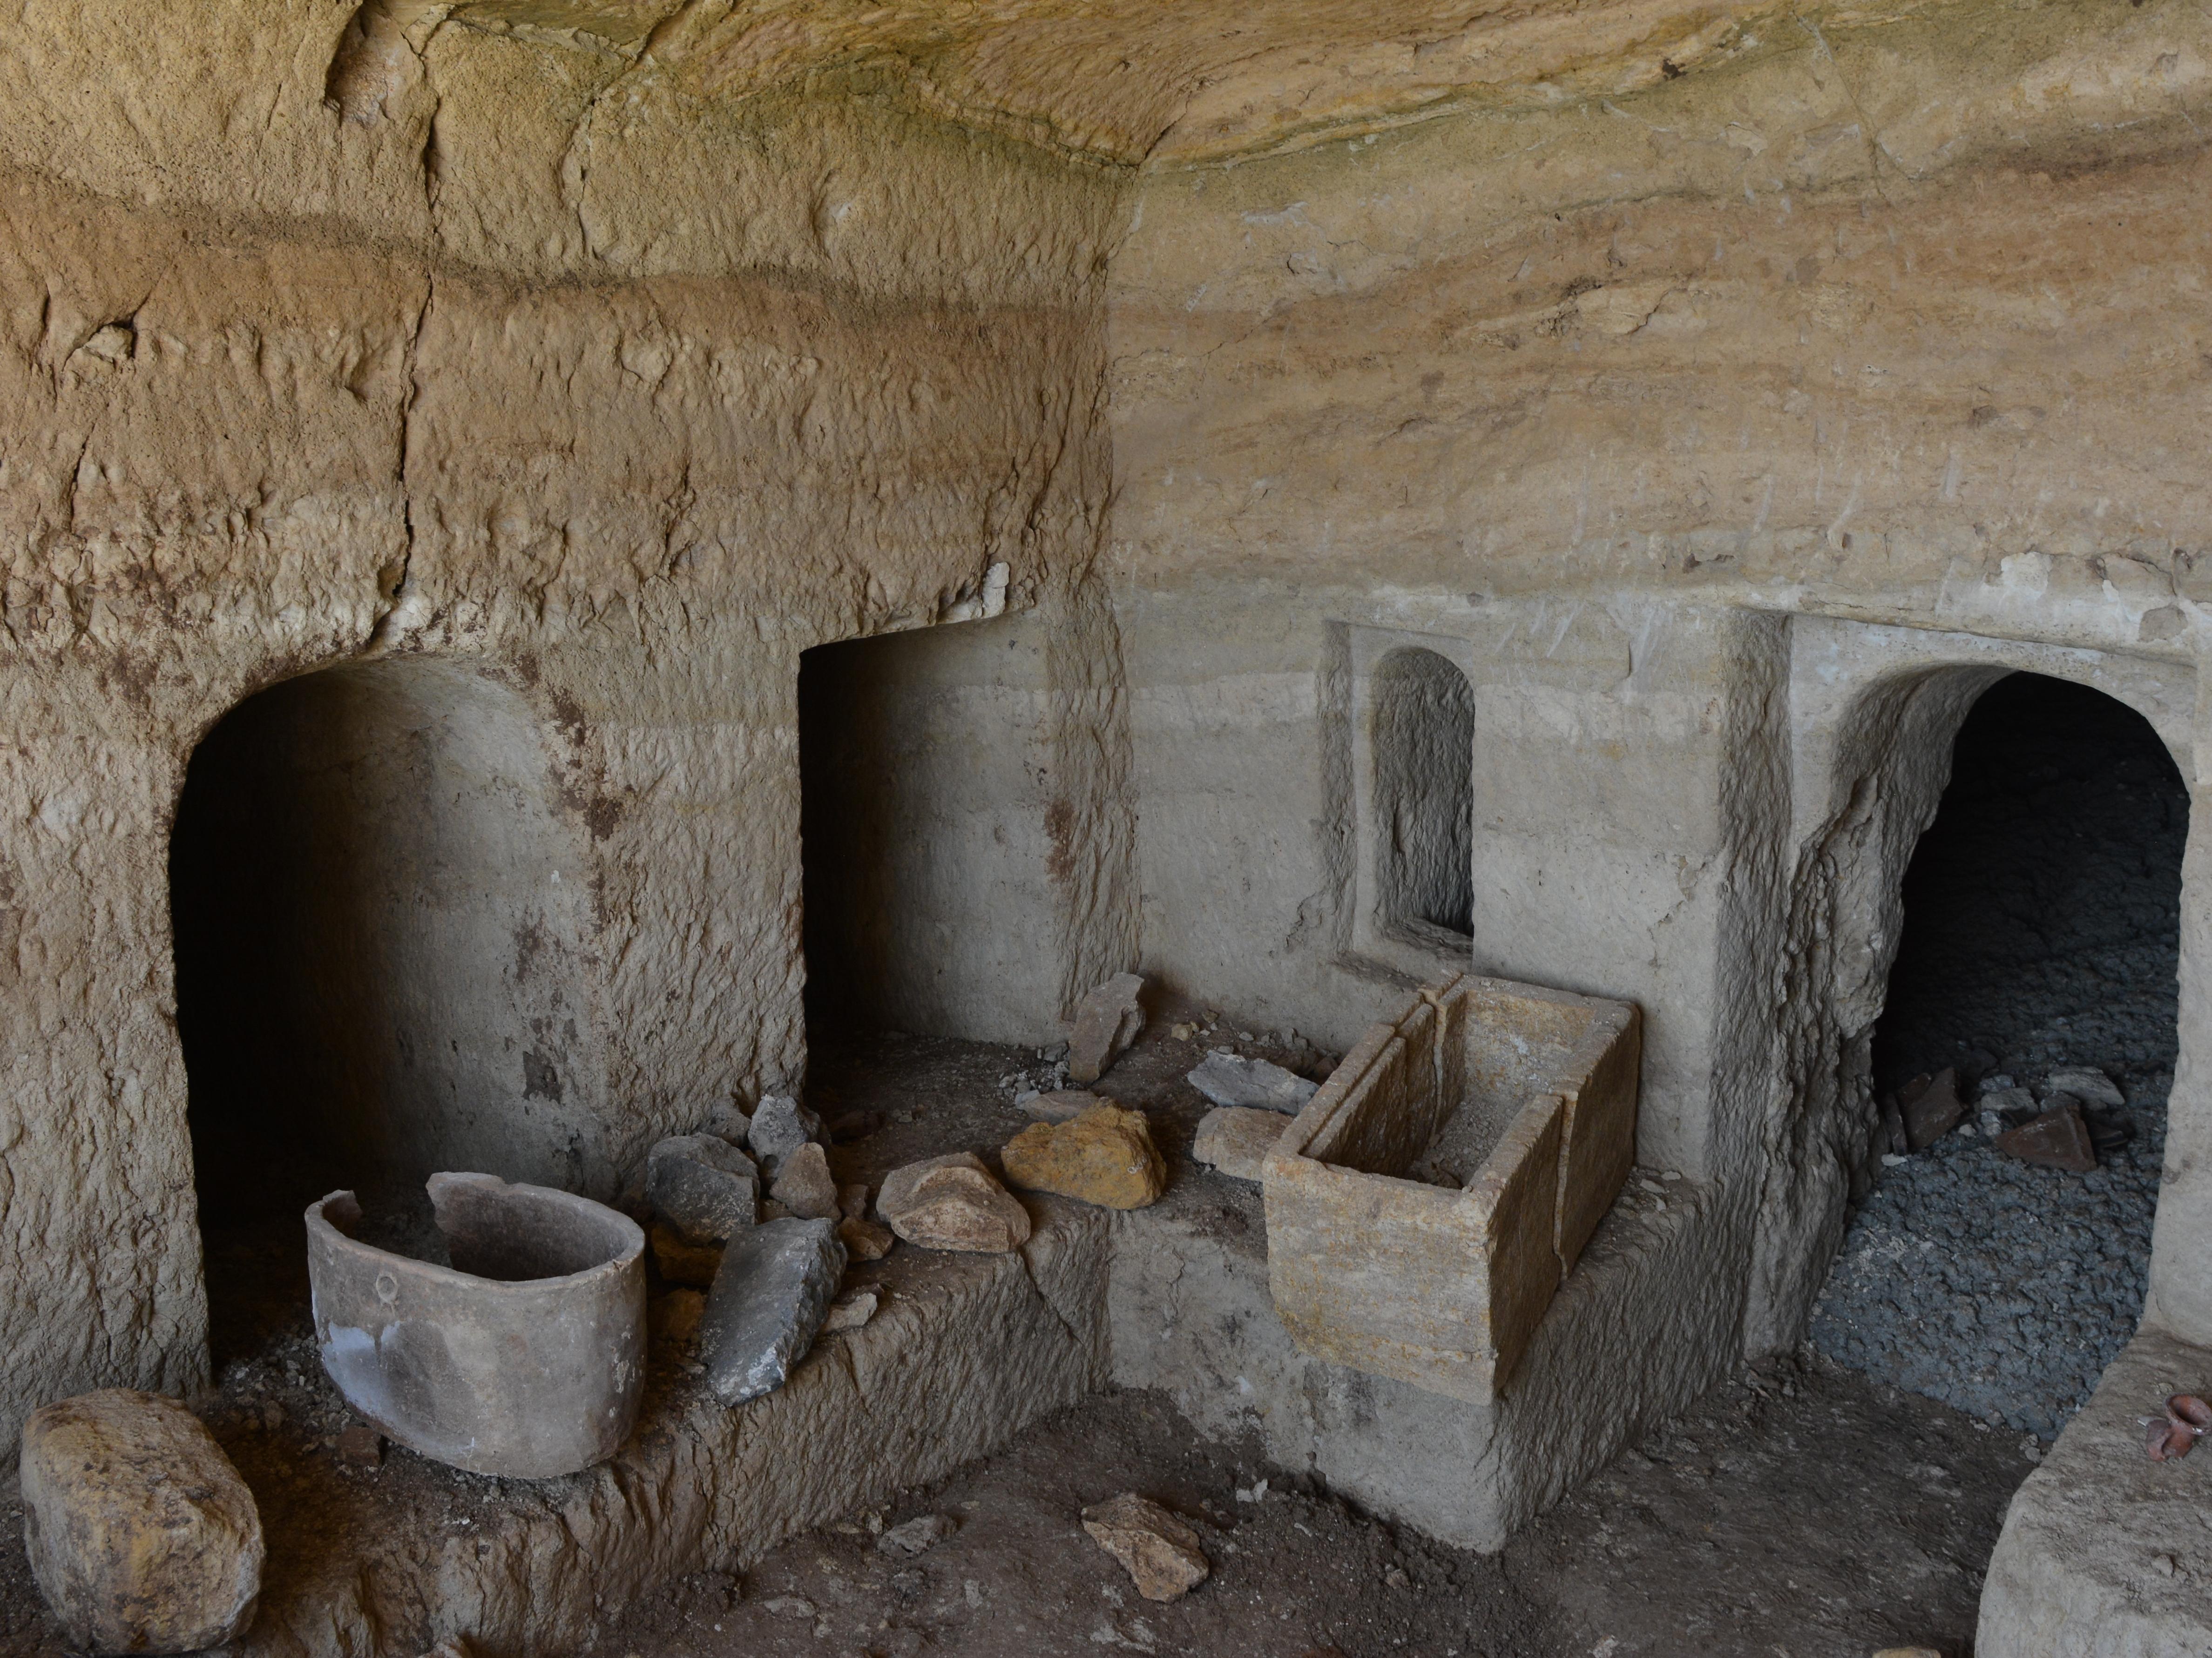 החדר המרכזי במערכת הקבורה בטבריה